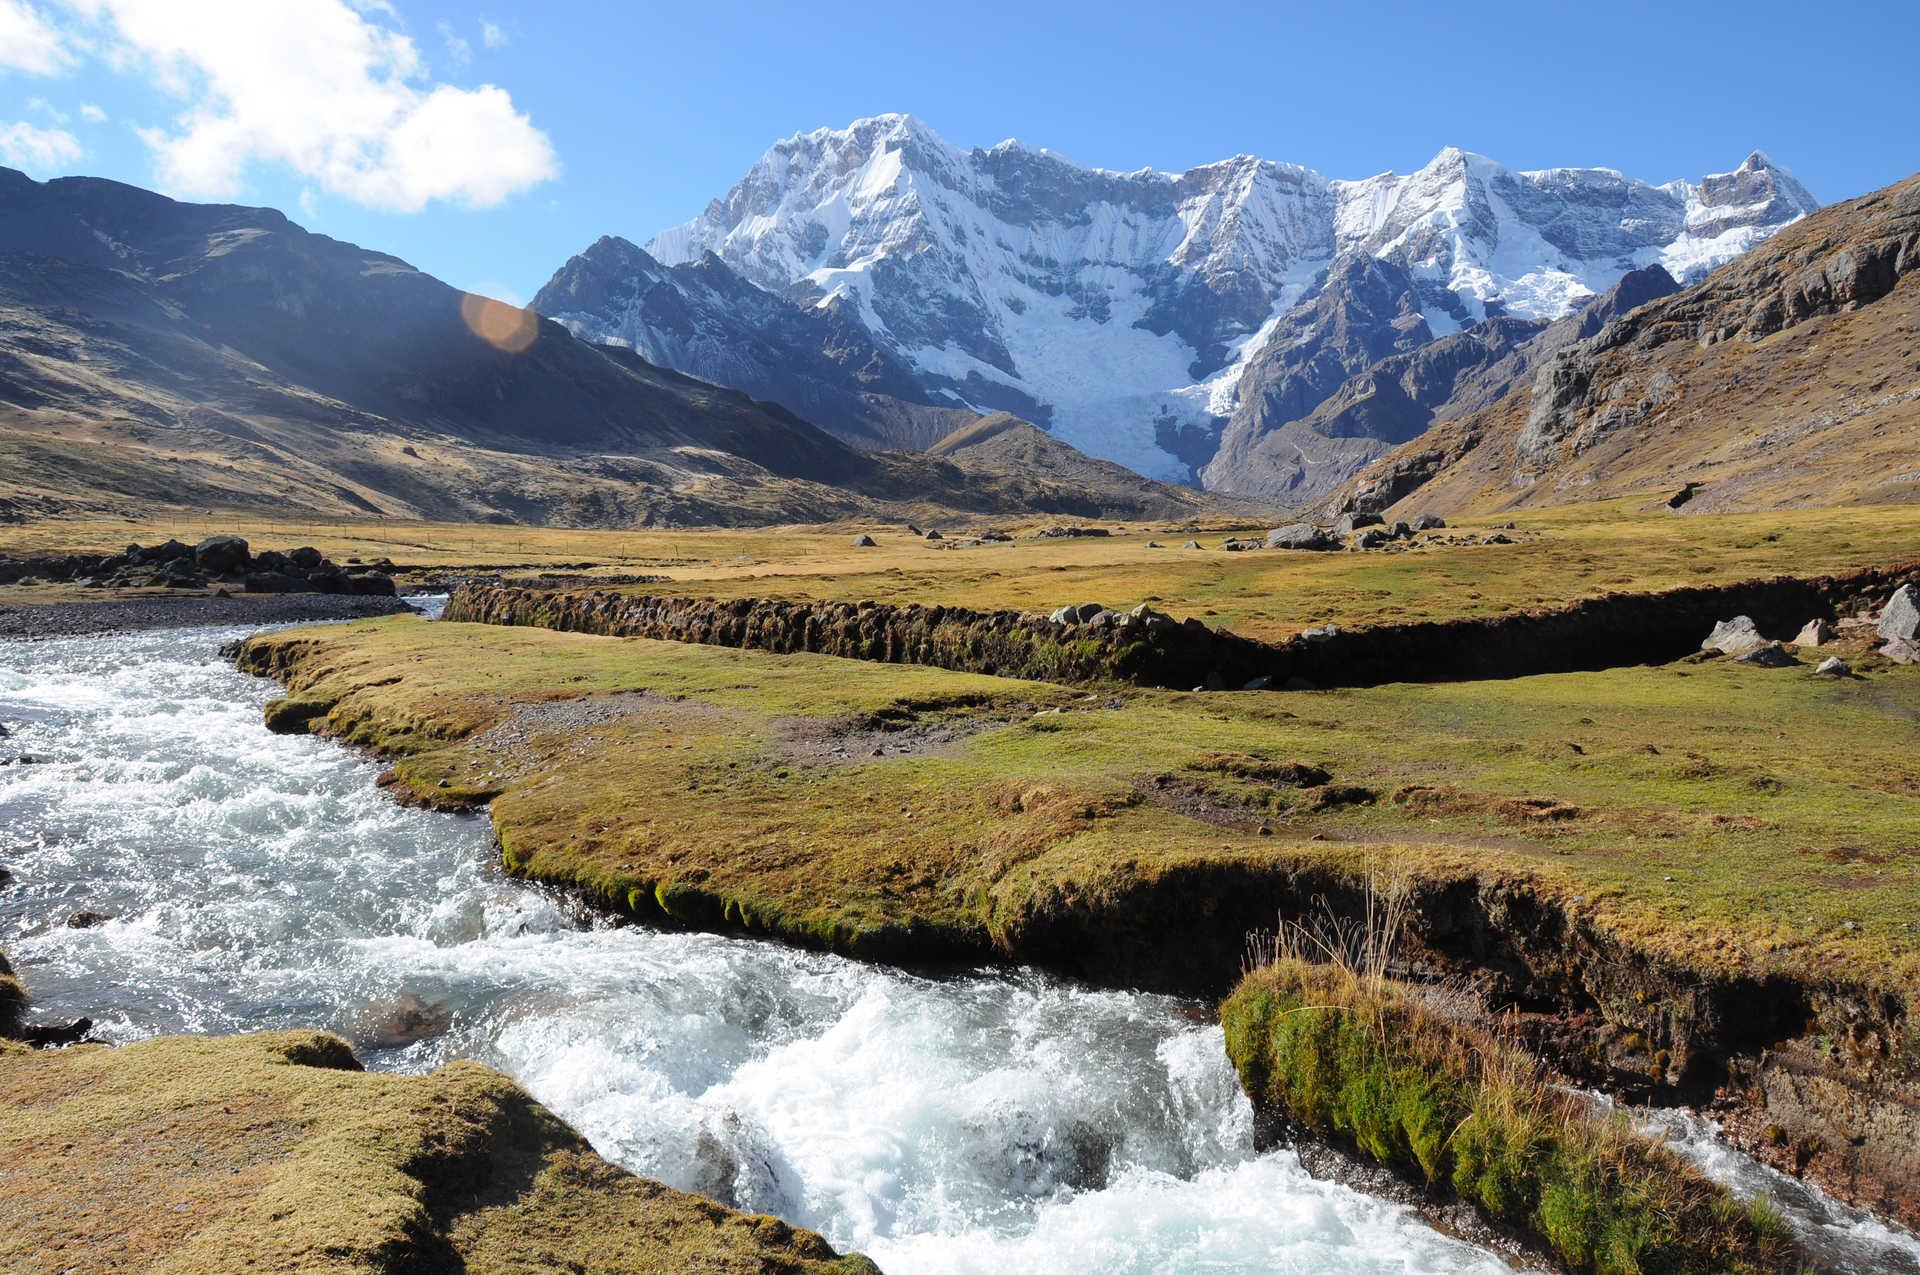 Peaceful landscape during the Ausangate trek